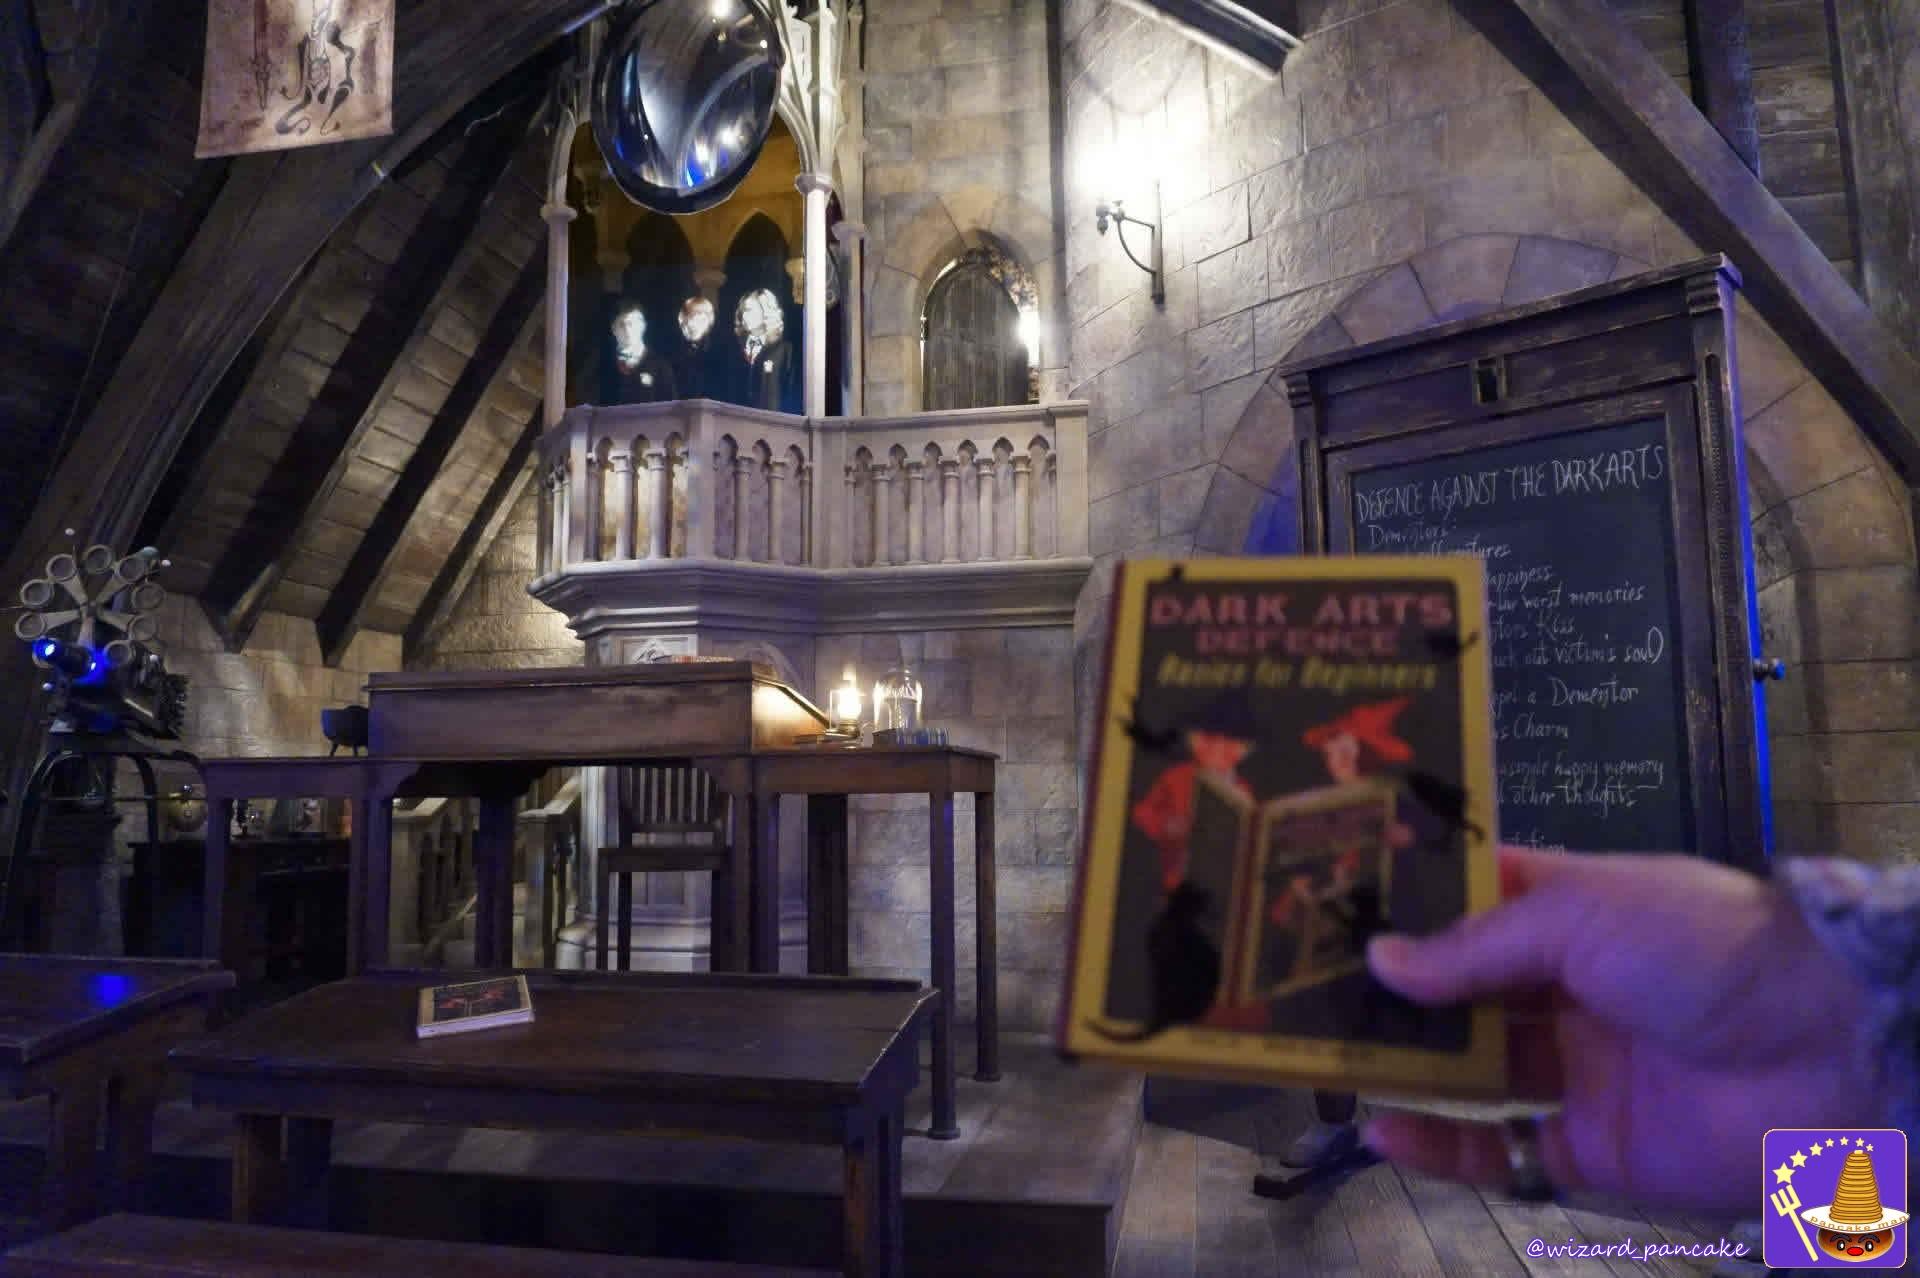 ミナリマ(minalima)のホグワーツ教科書(ノート)D.A.D.A.『闇の魔術に対する防衛術』とUSJハリポタエリアの教室